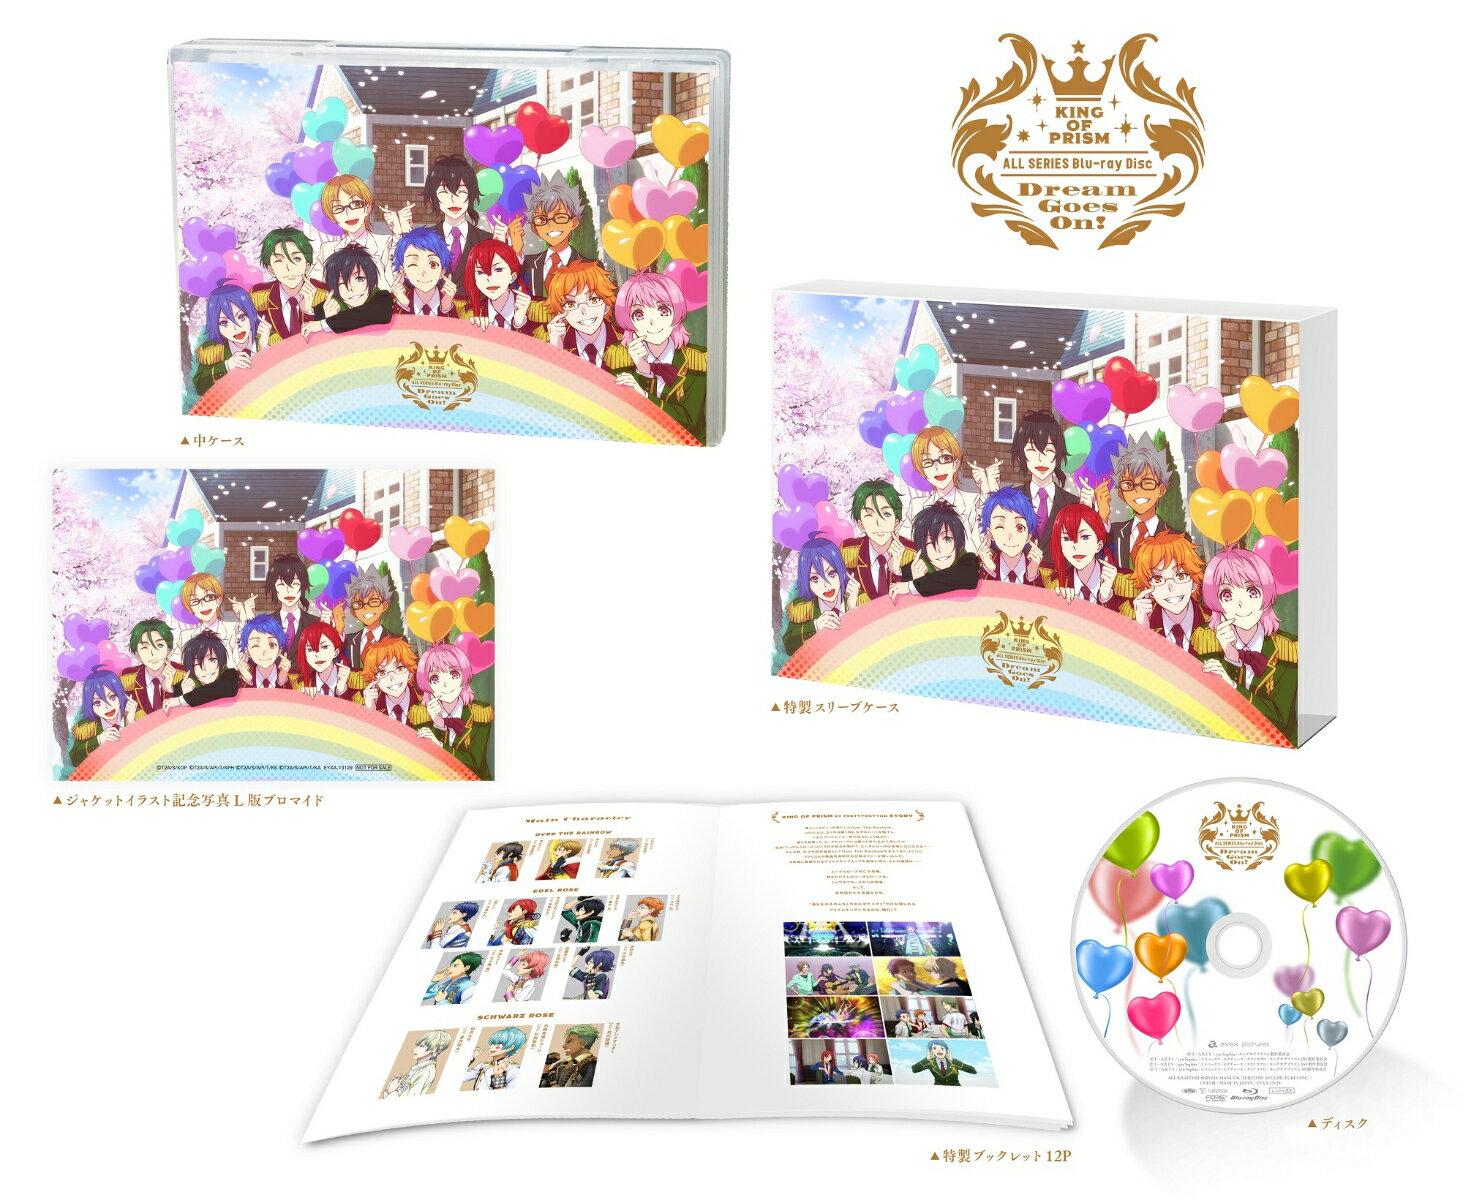 アニメ, キッズアニメ KING OF PRISM ALL SERIES Blu-ray Disc Dream Goes On!Blu-ray